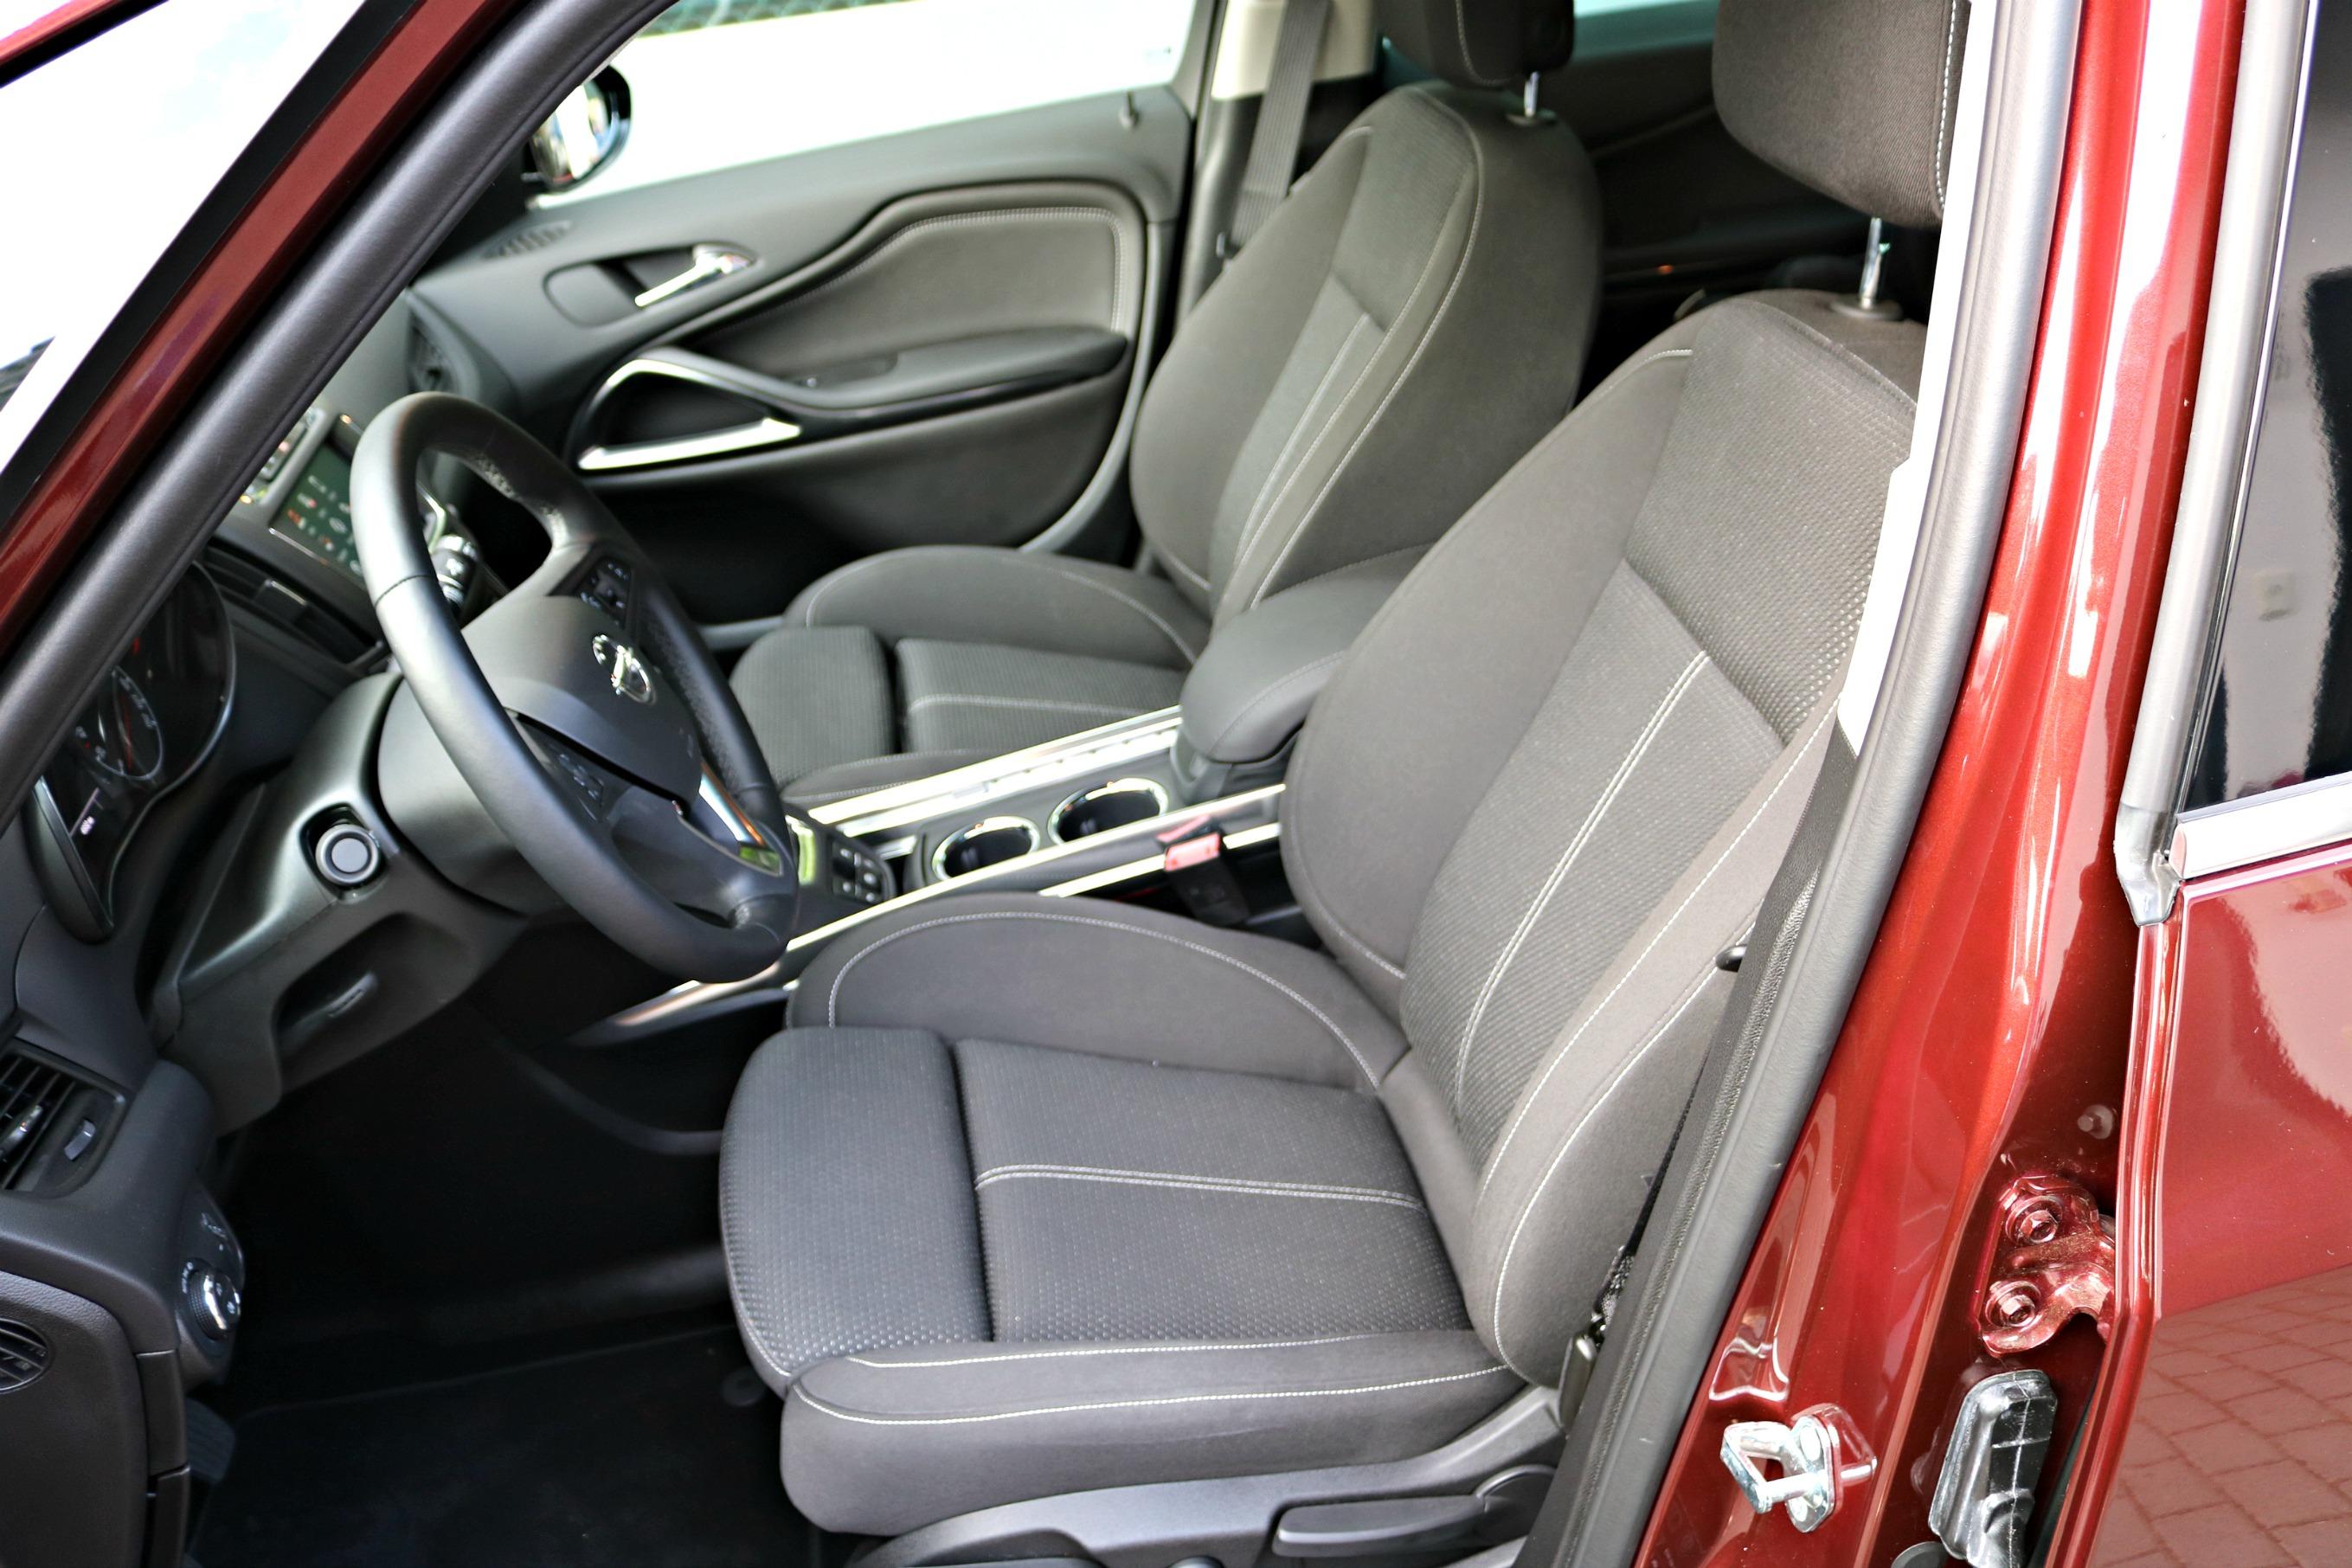 Opel_Zafira_AGR-Sitze